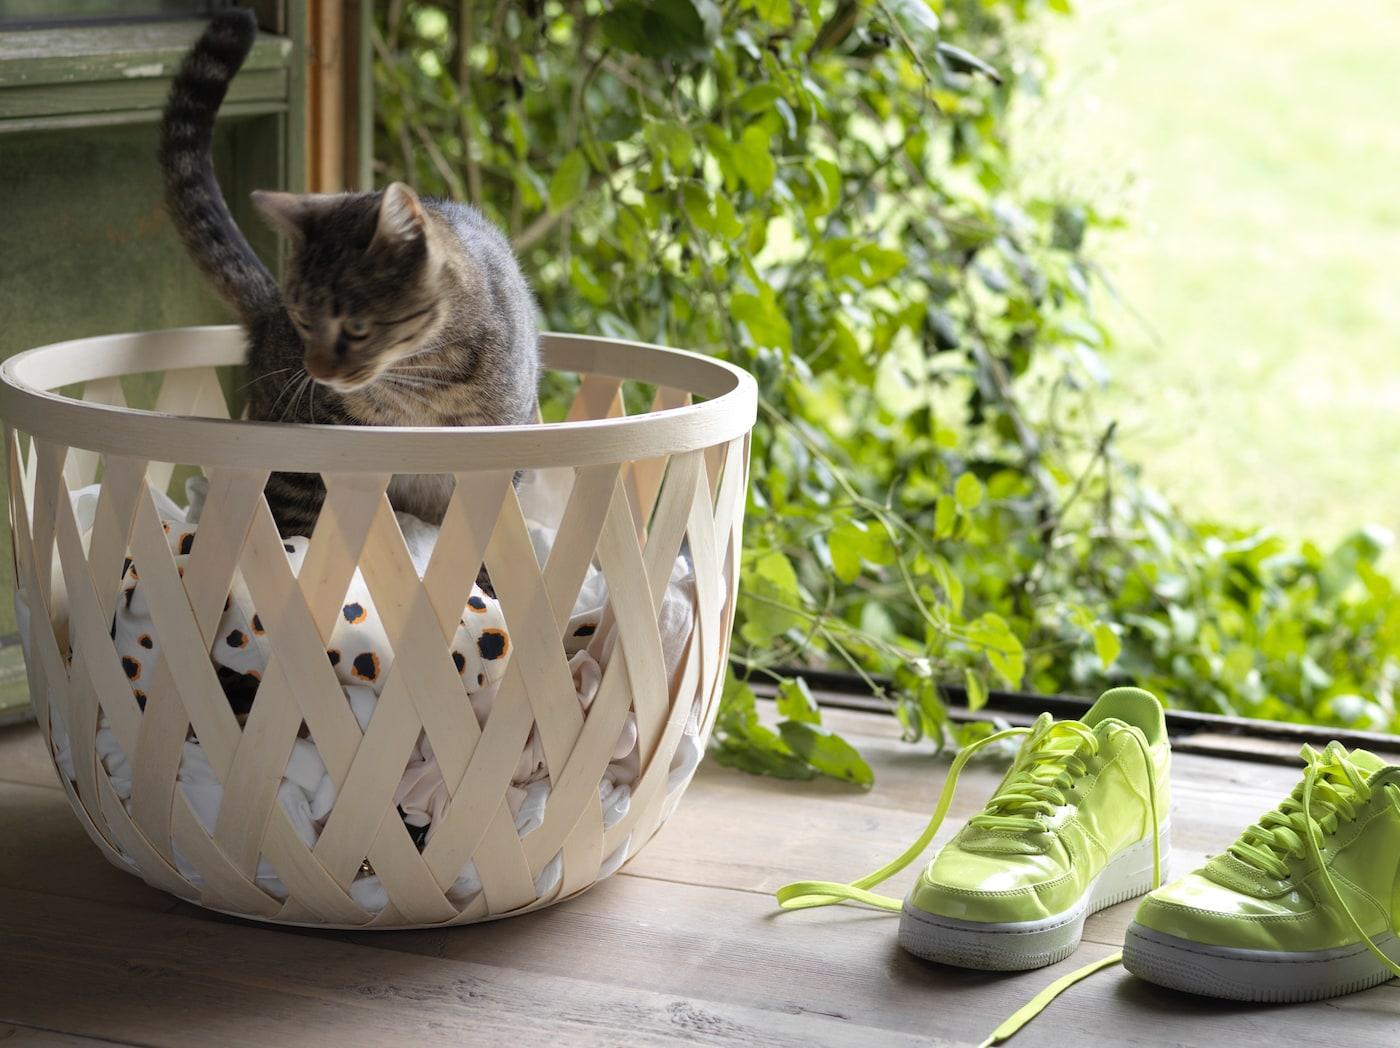 Kissanpentu seisoo TJILLEVIPS korissa, joka on täynnä pyykkiä. Vieressä ovat neonvihreät lenkkarit.